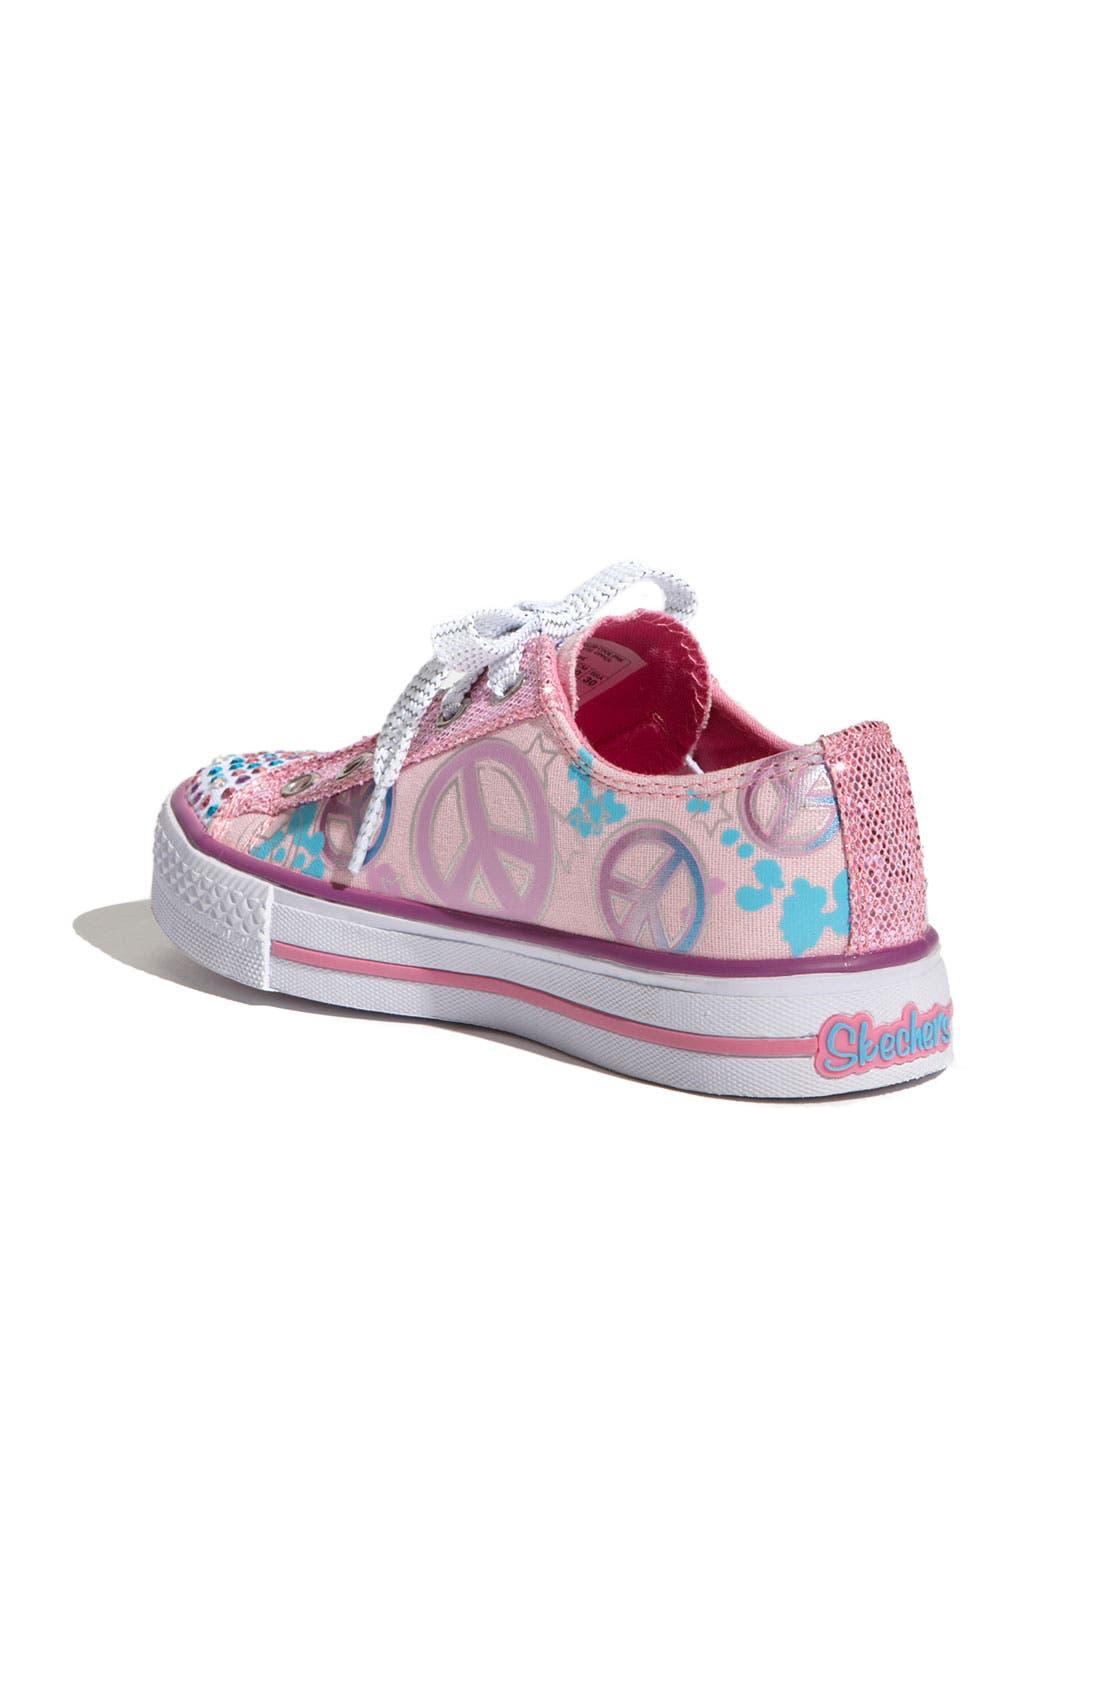 Alternate Image 2  - SKECHERS 'Lovable' Sneaker (Toddler & Little Kid)